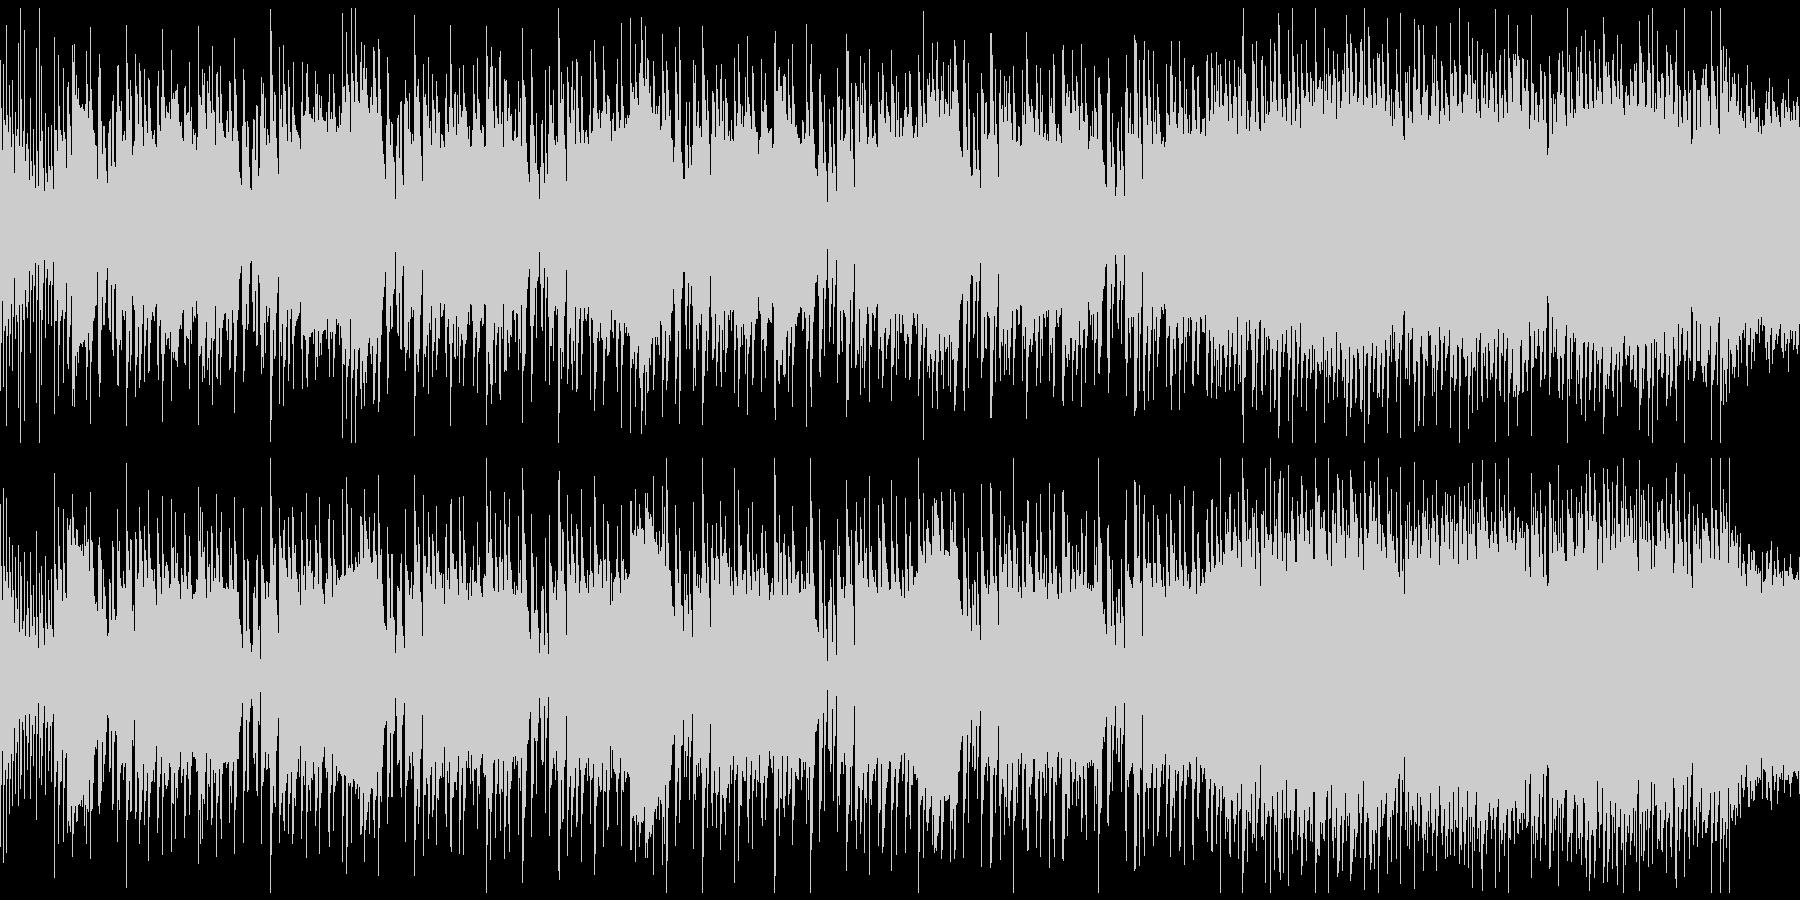 【アツく激しく/ロック/メタル/ギター】の未再生の波形